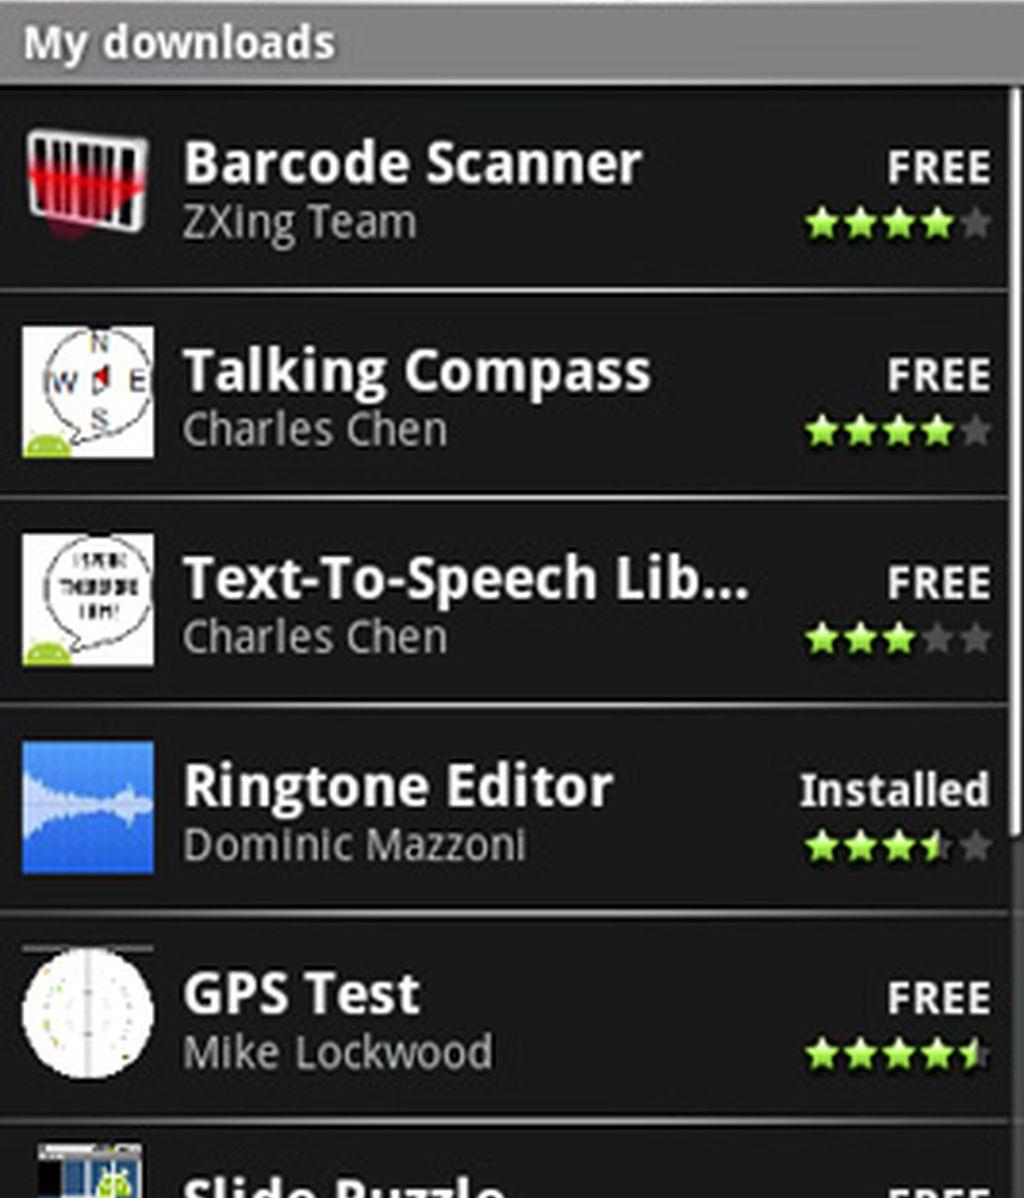 La publicidad y los pagos 'in-app', la fórmula para hacer rentable lo gratis.